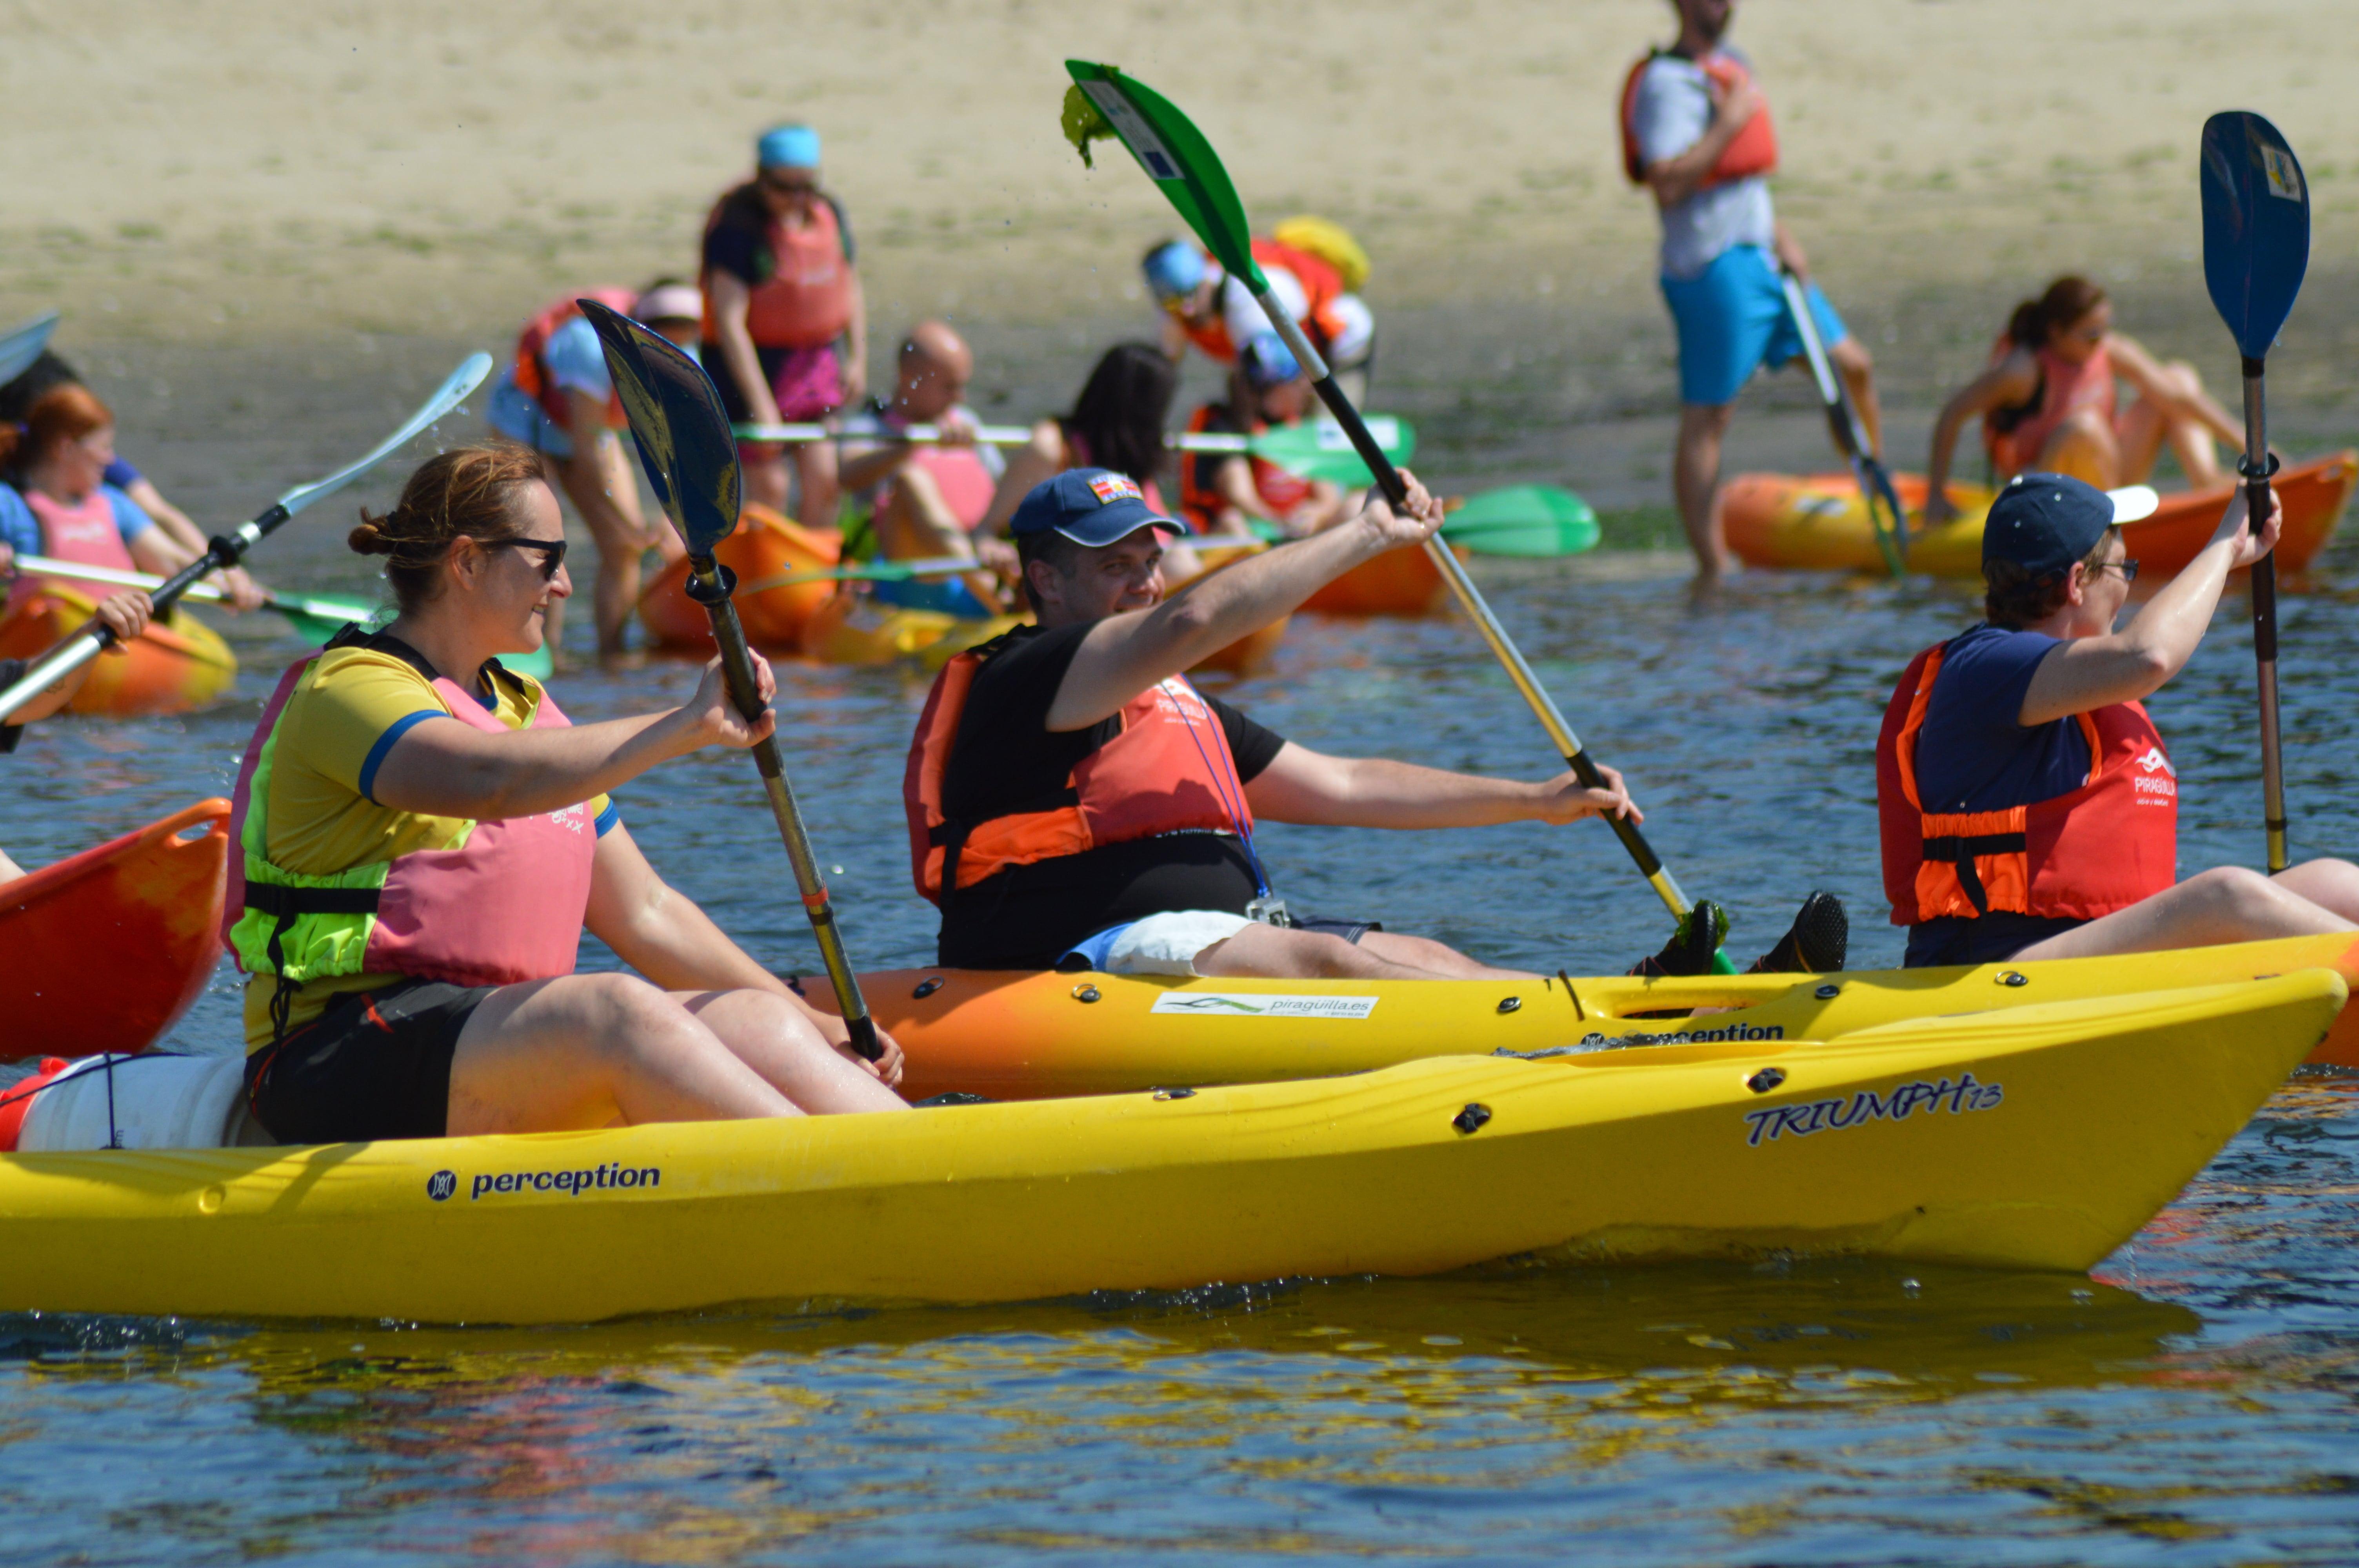 Disfruta de un entorno idílico en kayak - Marta Iglesias Pouso, profesora de kayak y piragüismo en Pontevedra.